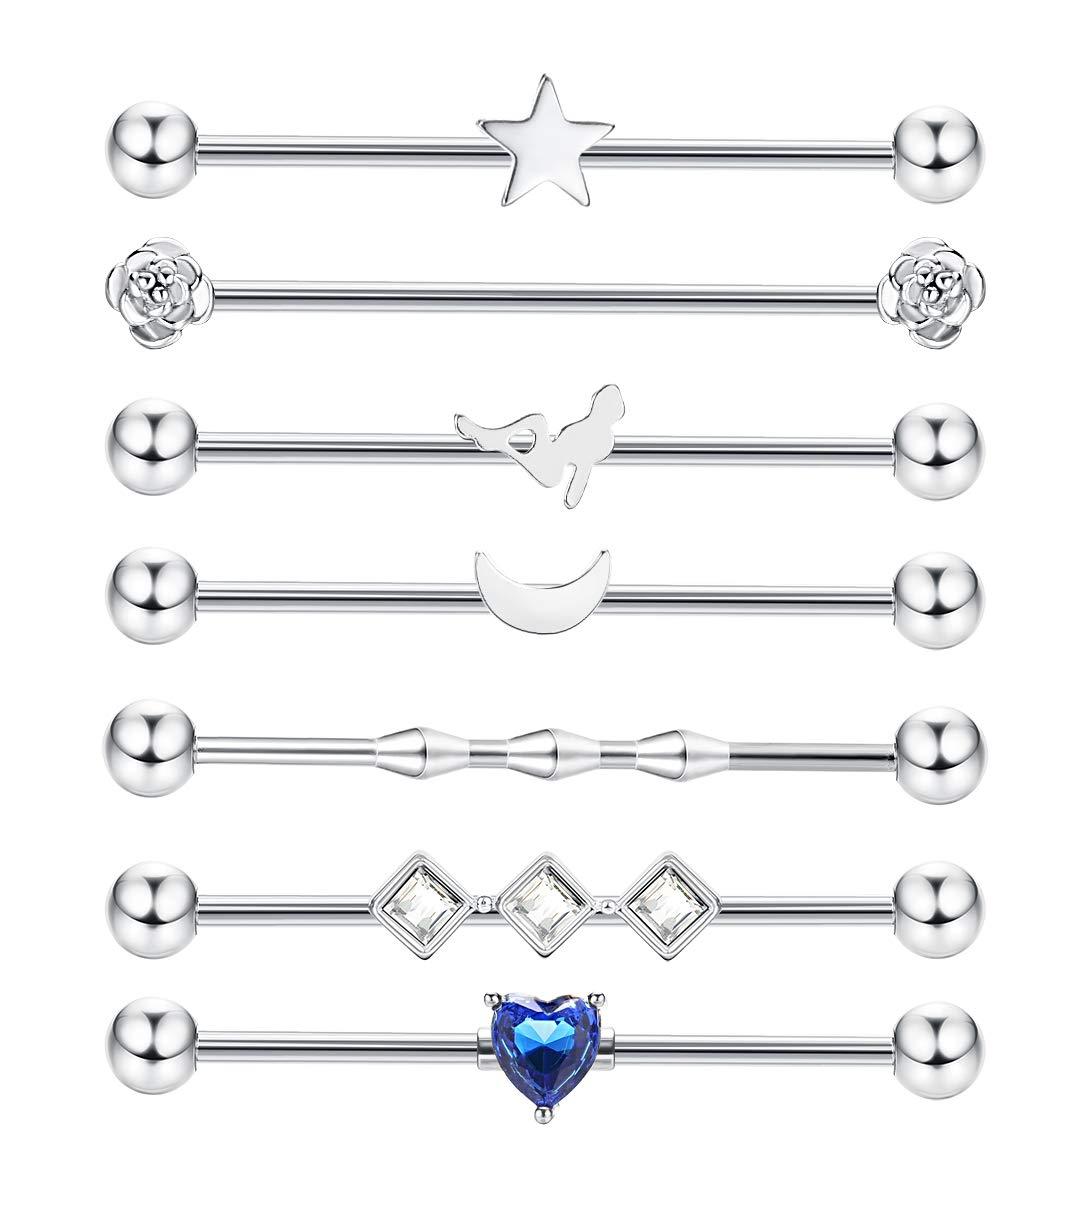 JOERICA 7 Pcs 14G Industrial Piercing for Women Men Stainless Steel Industrial Barbell Earring Cartilage Earrings Body Piercing Jewelry